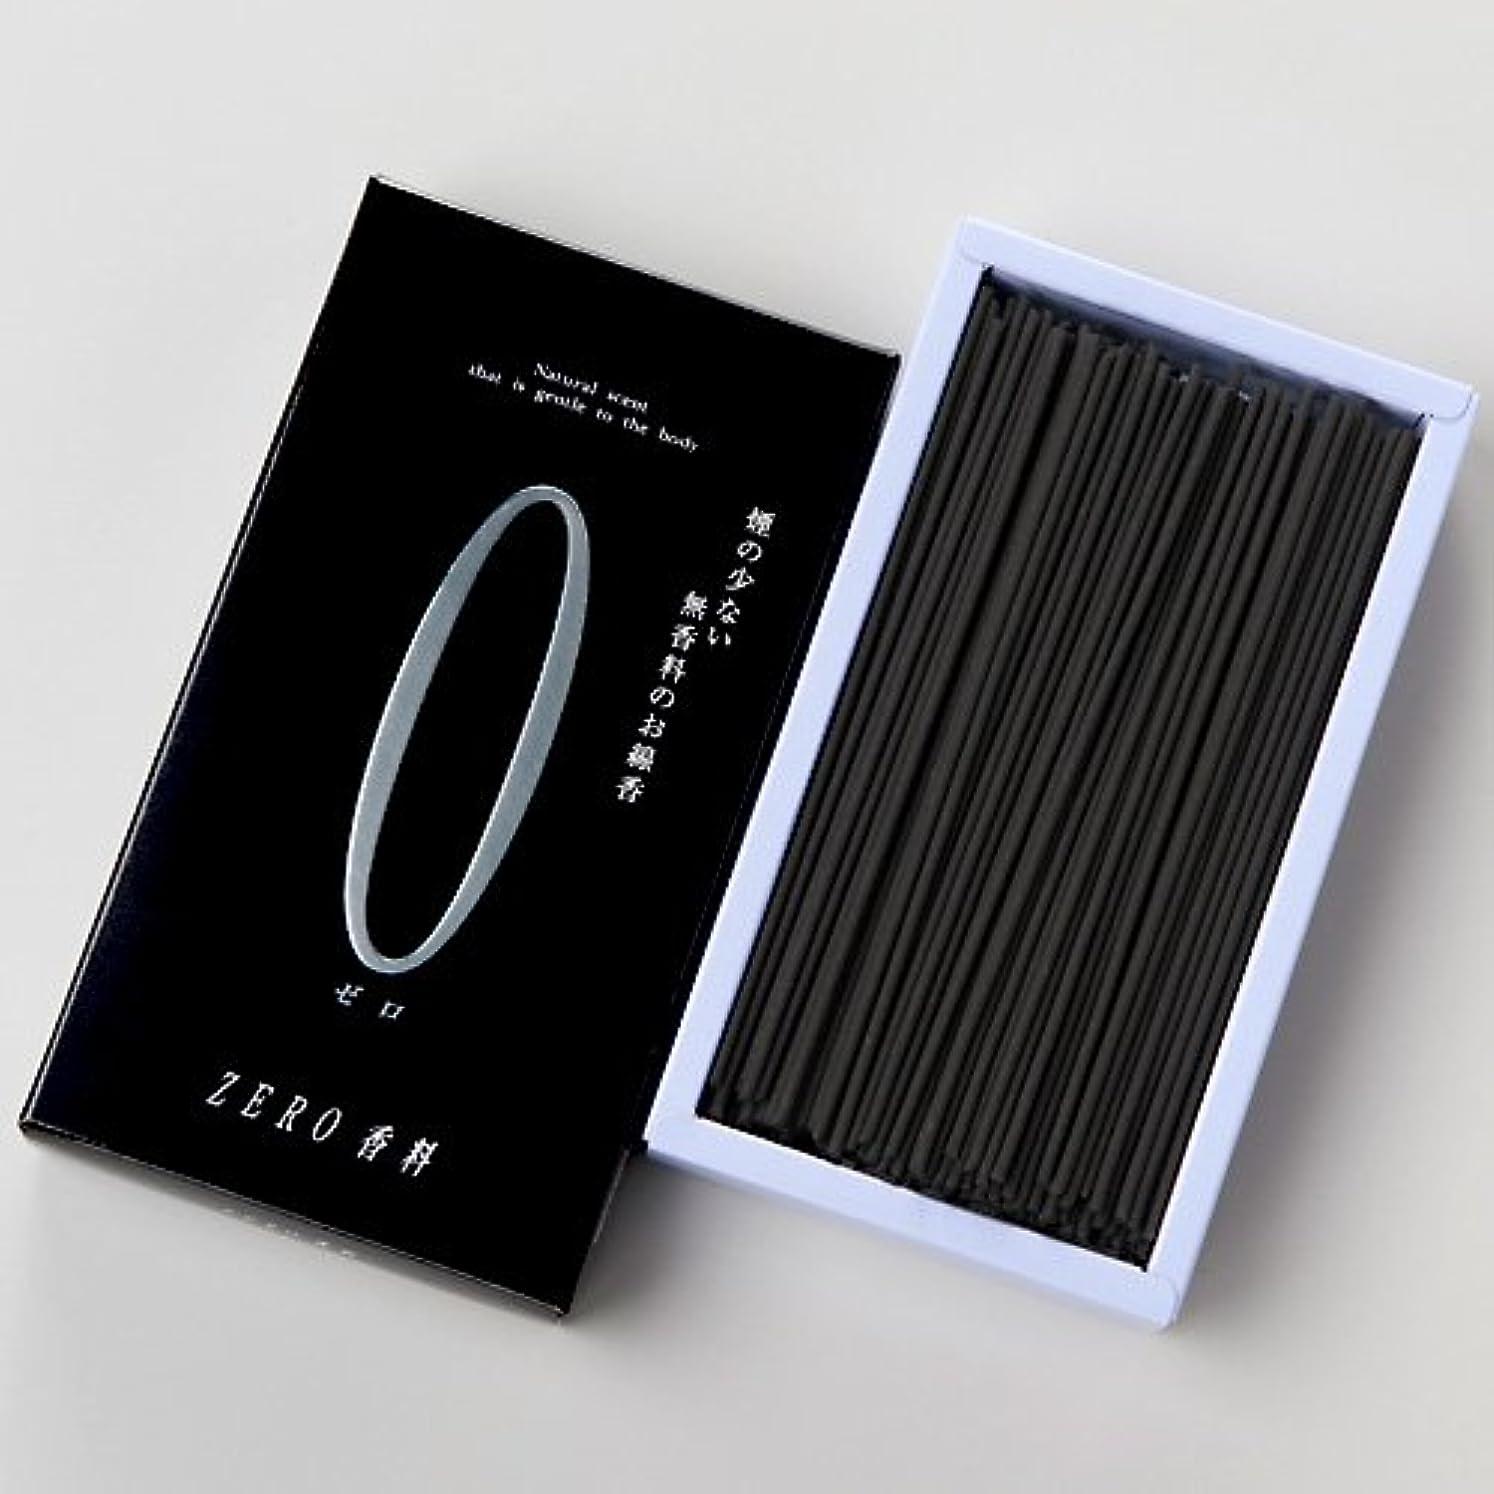 アカウント覗く十二極 ZERO 香料 130g 黒 奥野晴明堂